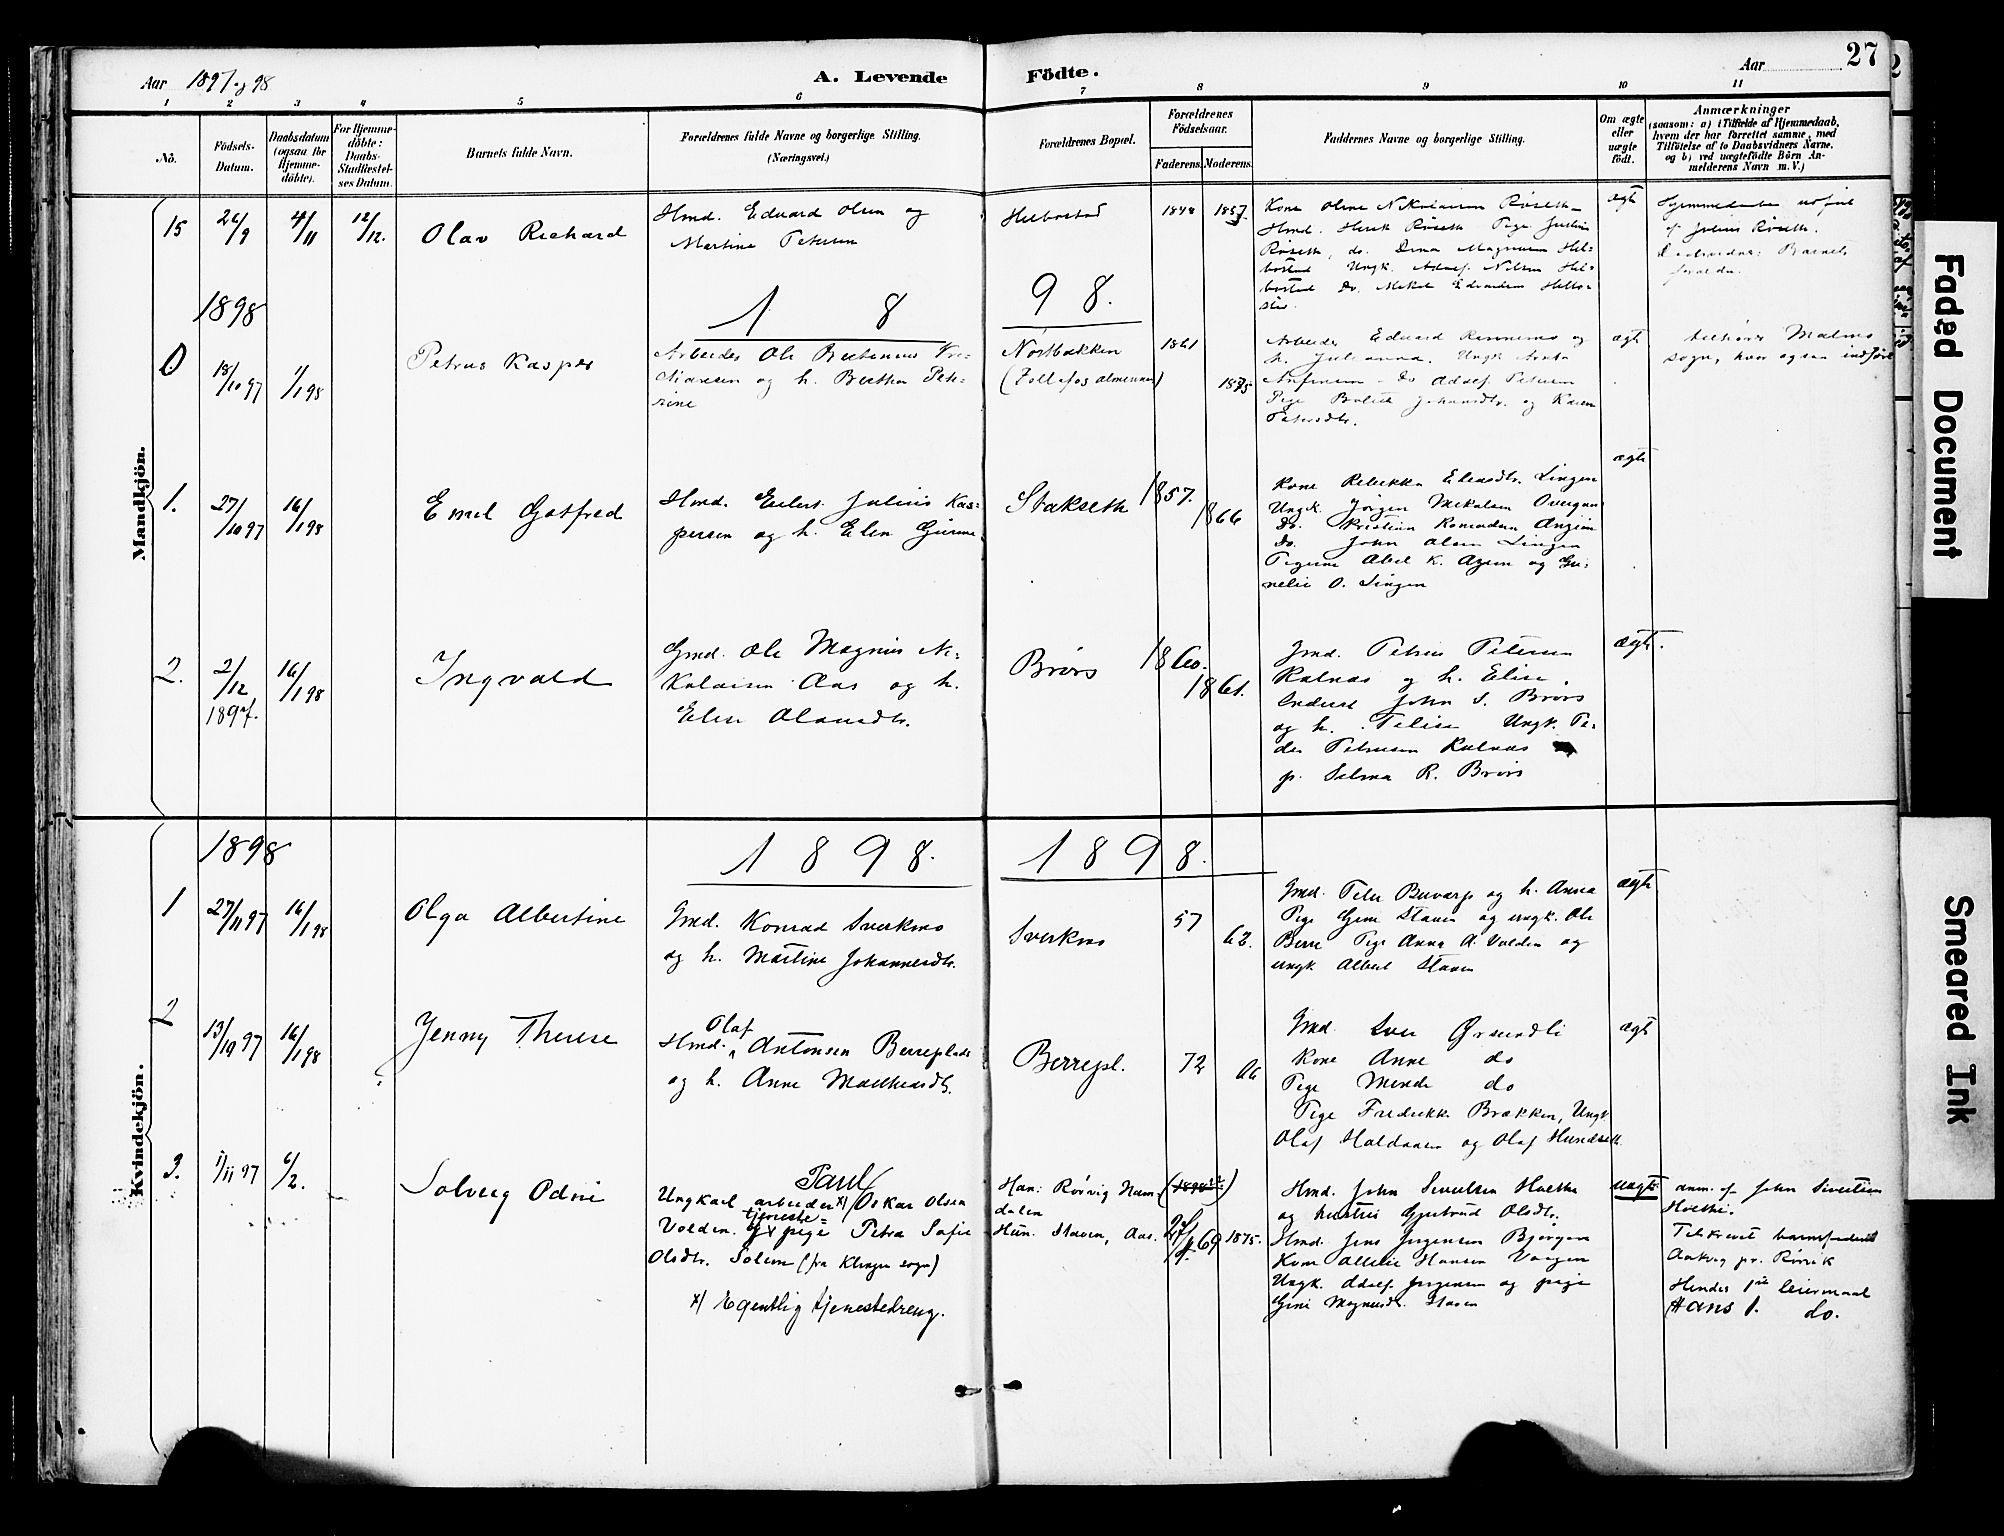 SAT, Ministerialprotokoller, klokkerbøker og fødselsregistre - Nord-Trøndelag, 742/L0409: Ministerialbok nr. 742A02, 1891-1905, s. 27